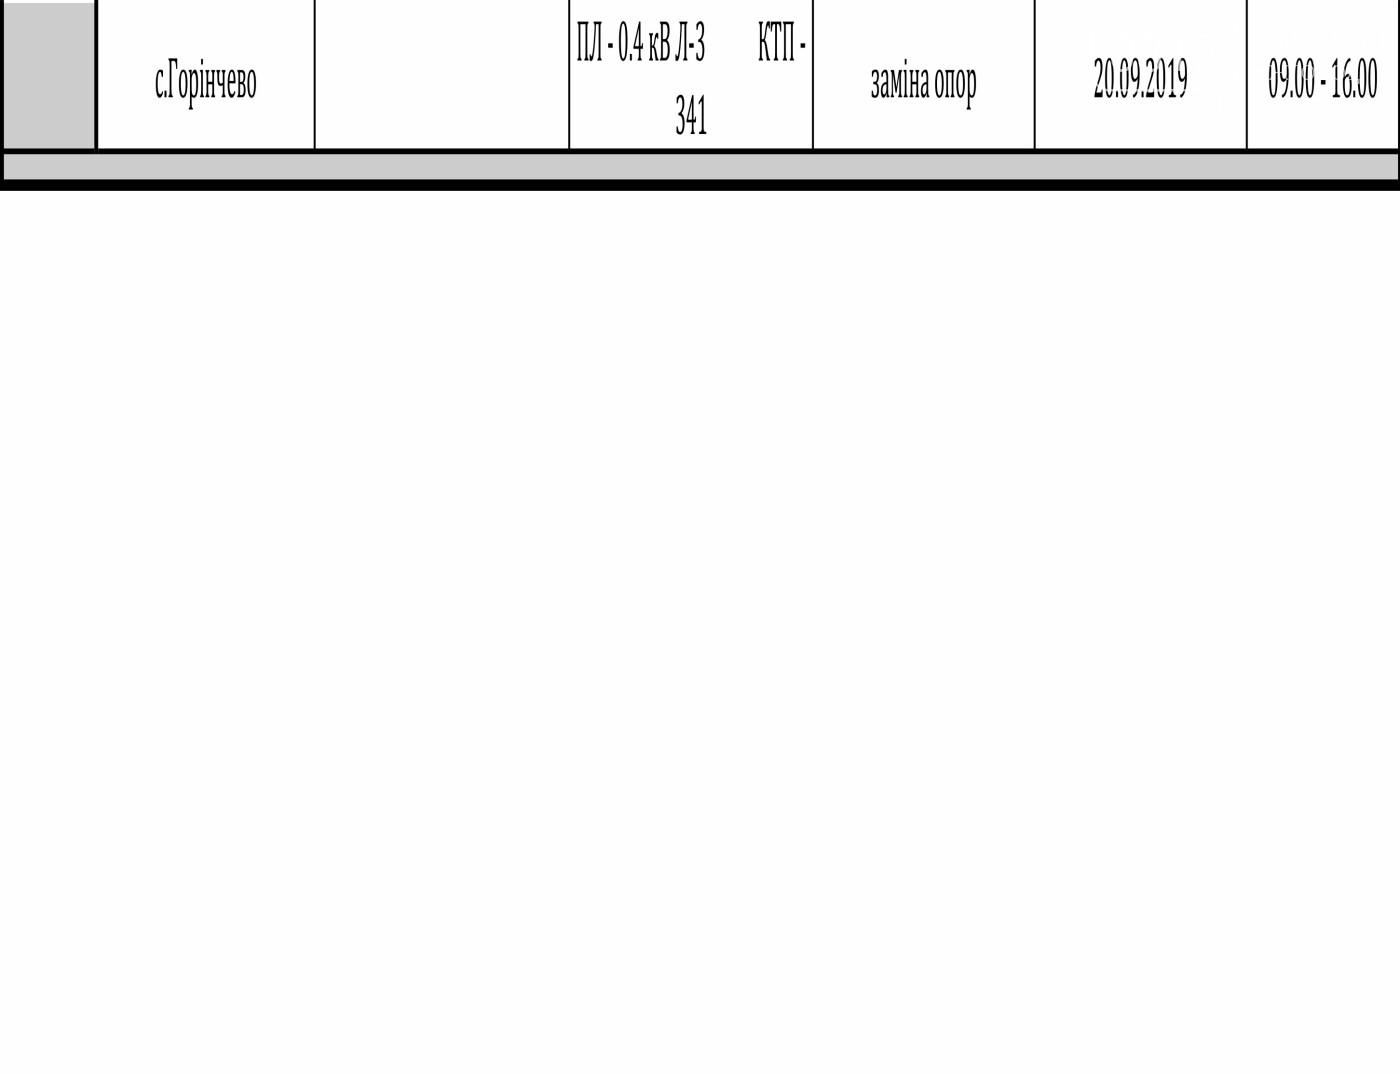 Графік відключення світла на Закарпатті з 16 по 20  вересня, фото-12